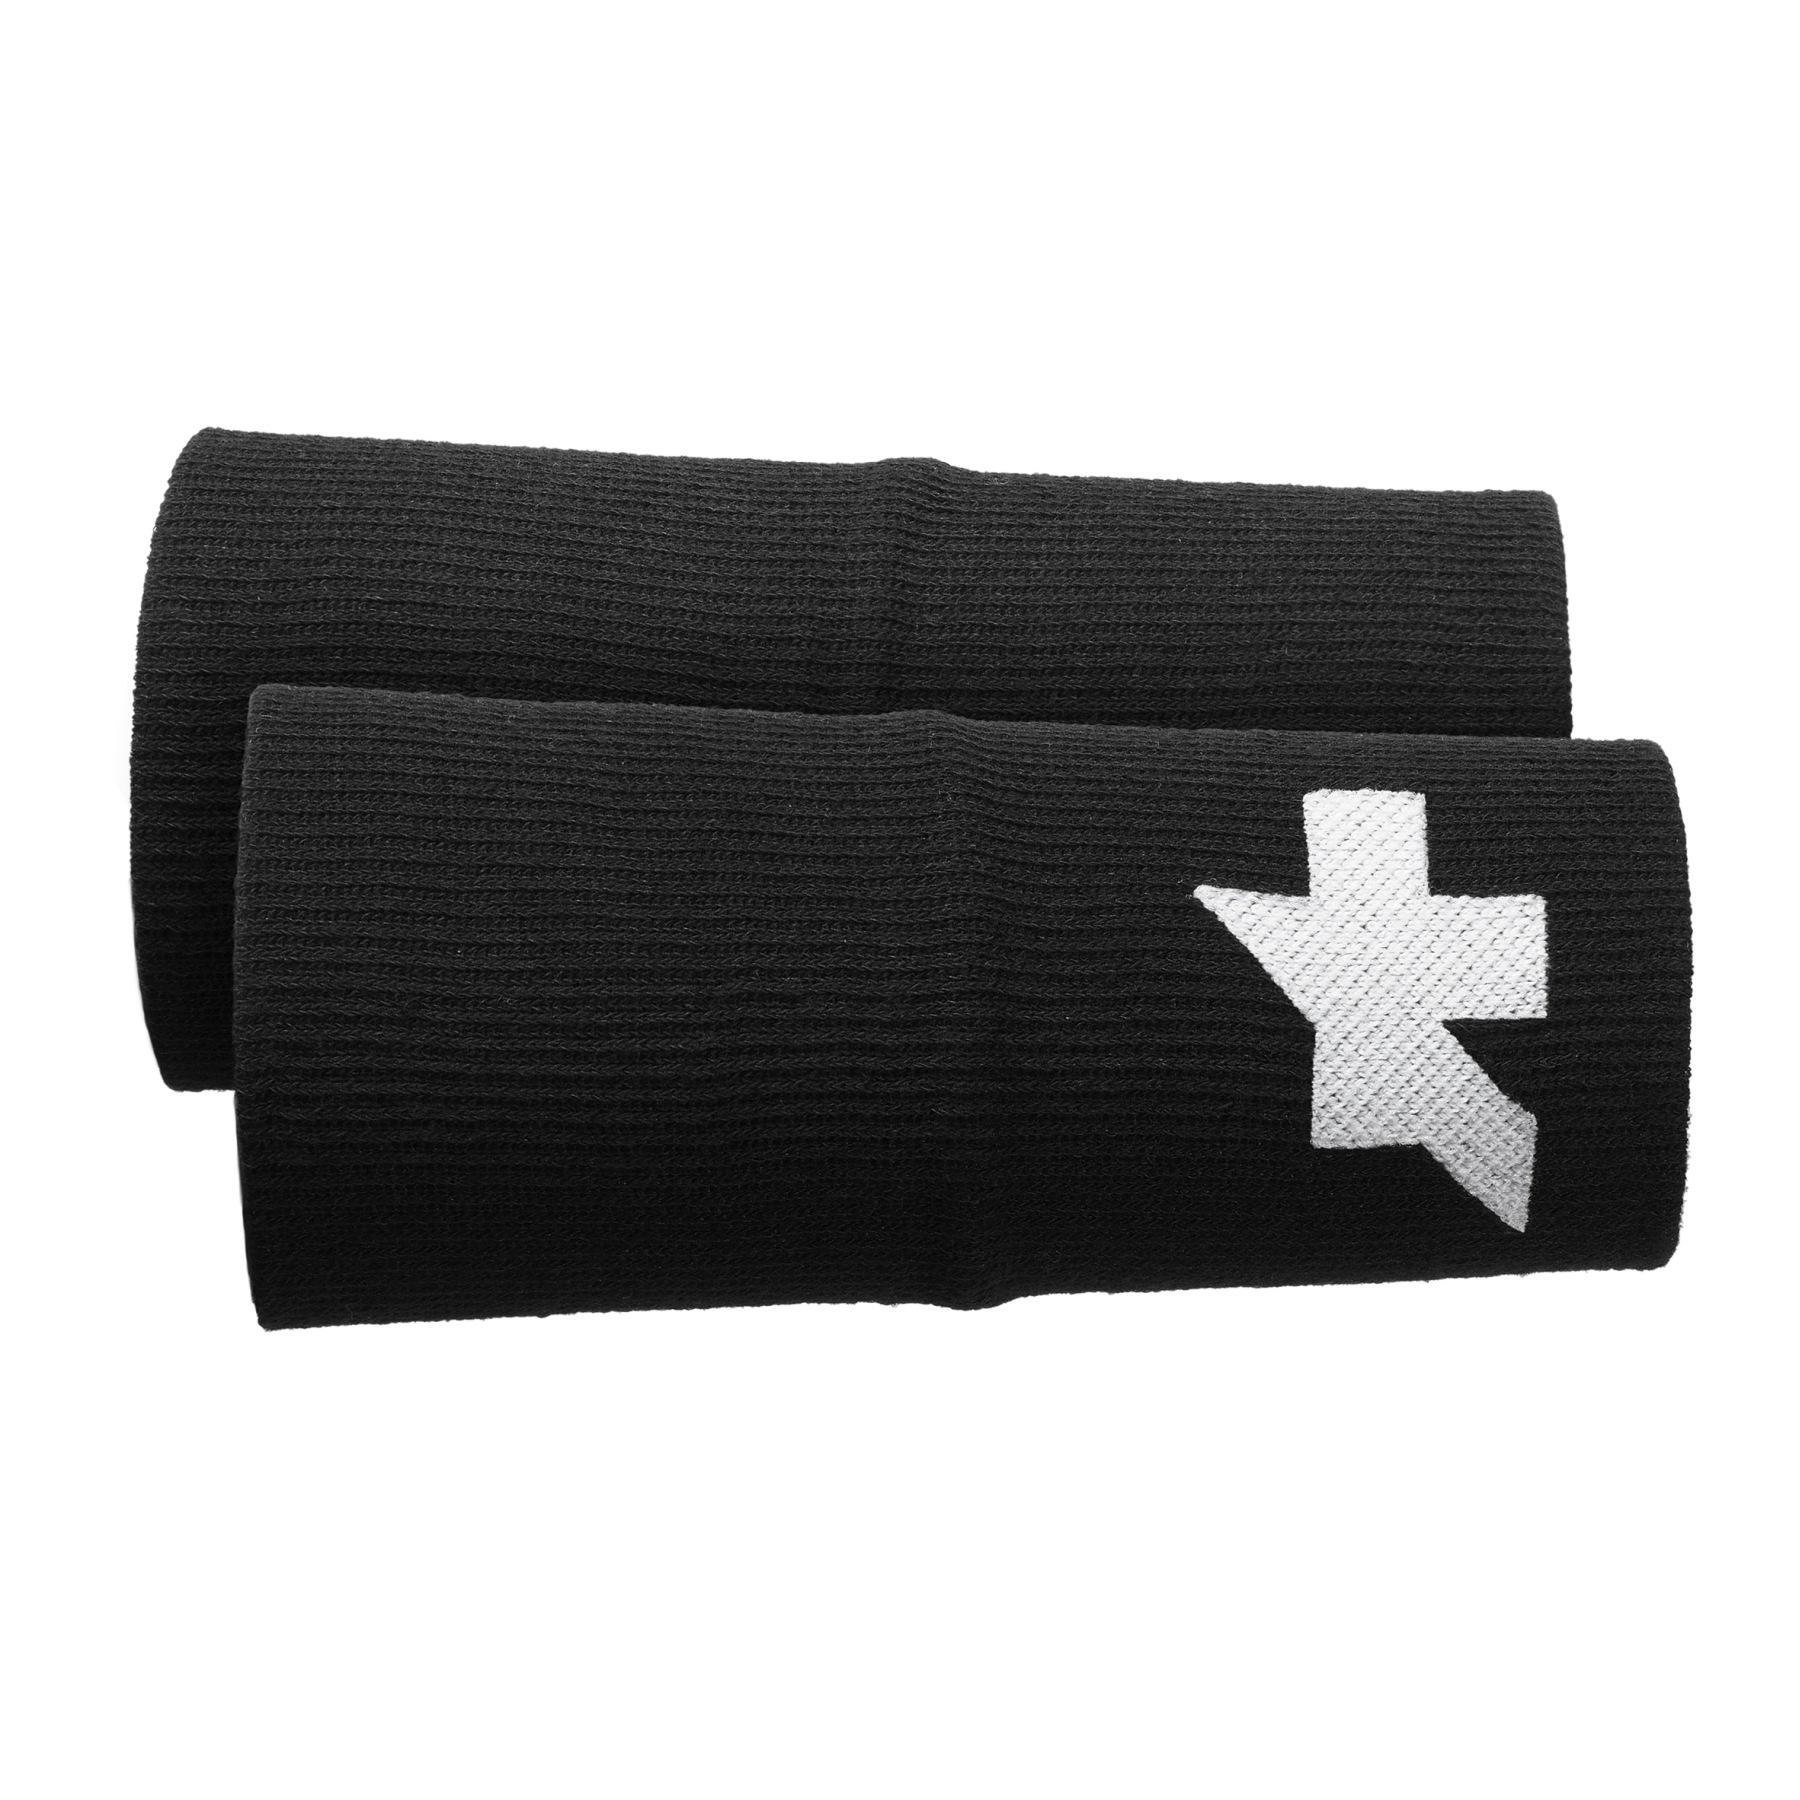 Produktbild von Assos ASSOSOIRES RS Schweißbänder SUPERLEGER - black series